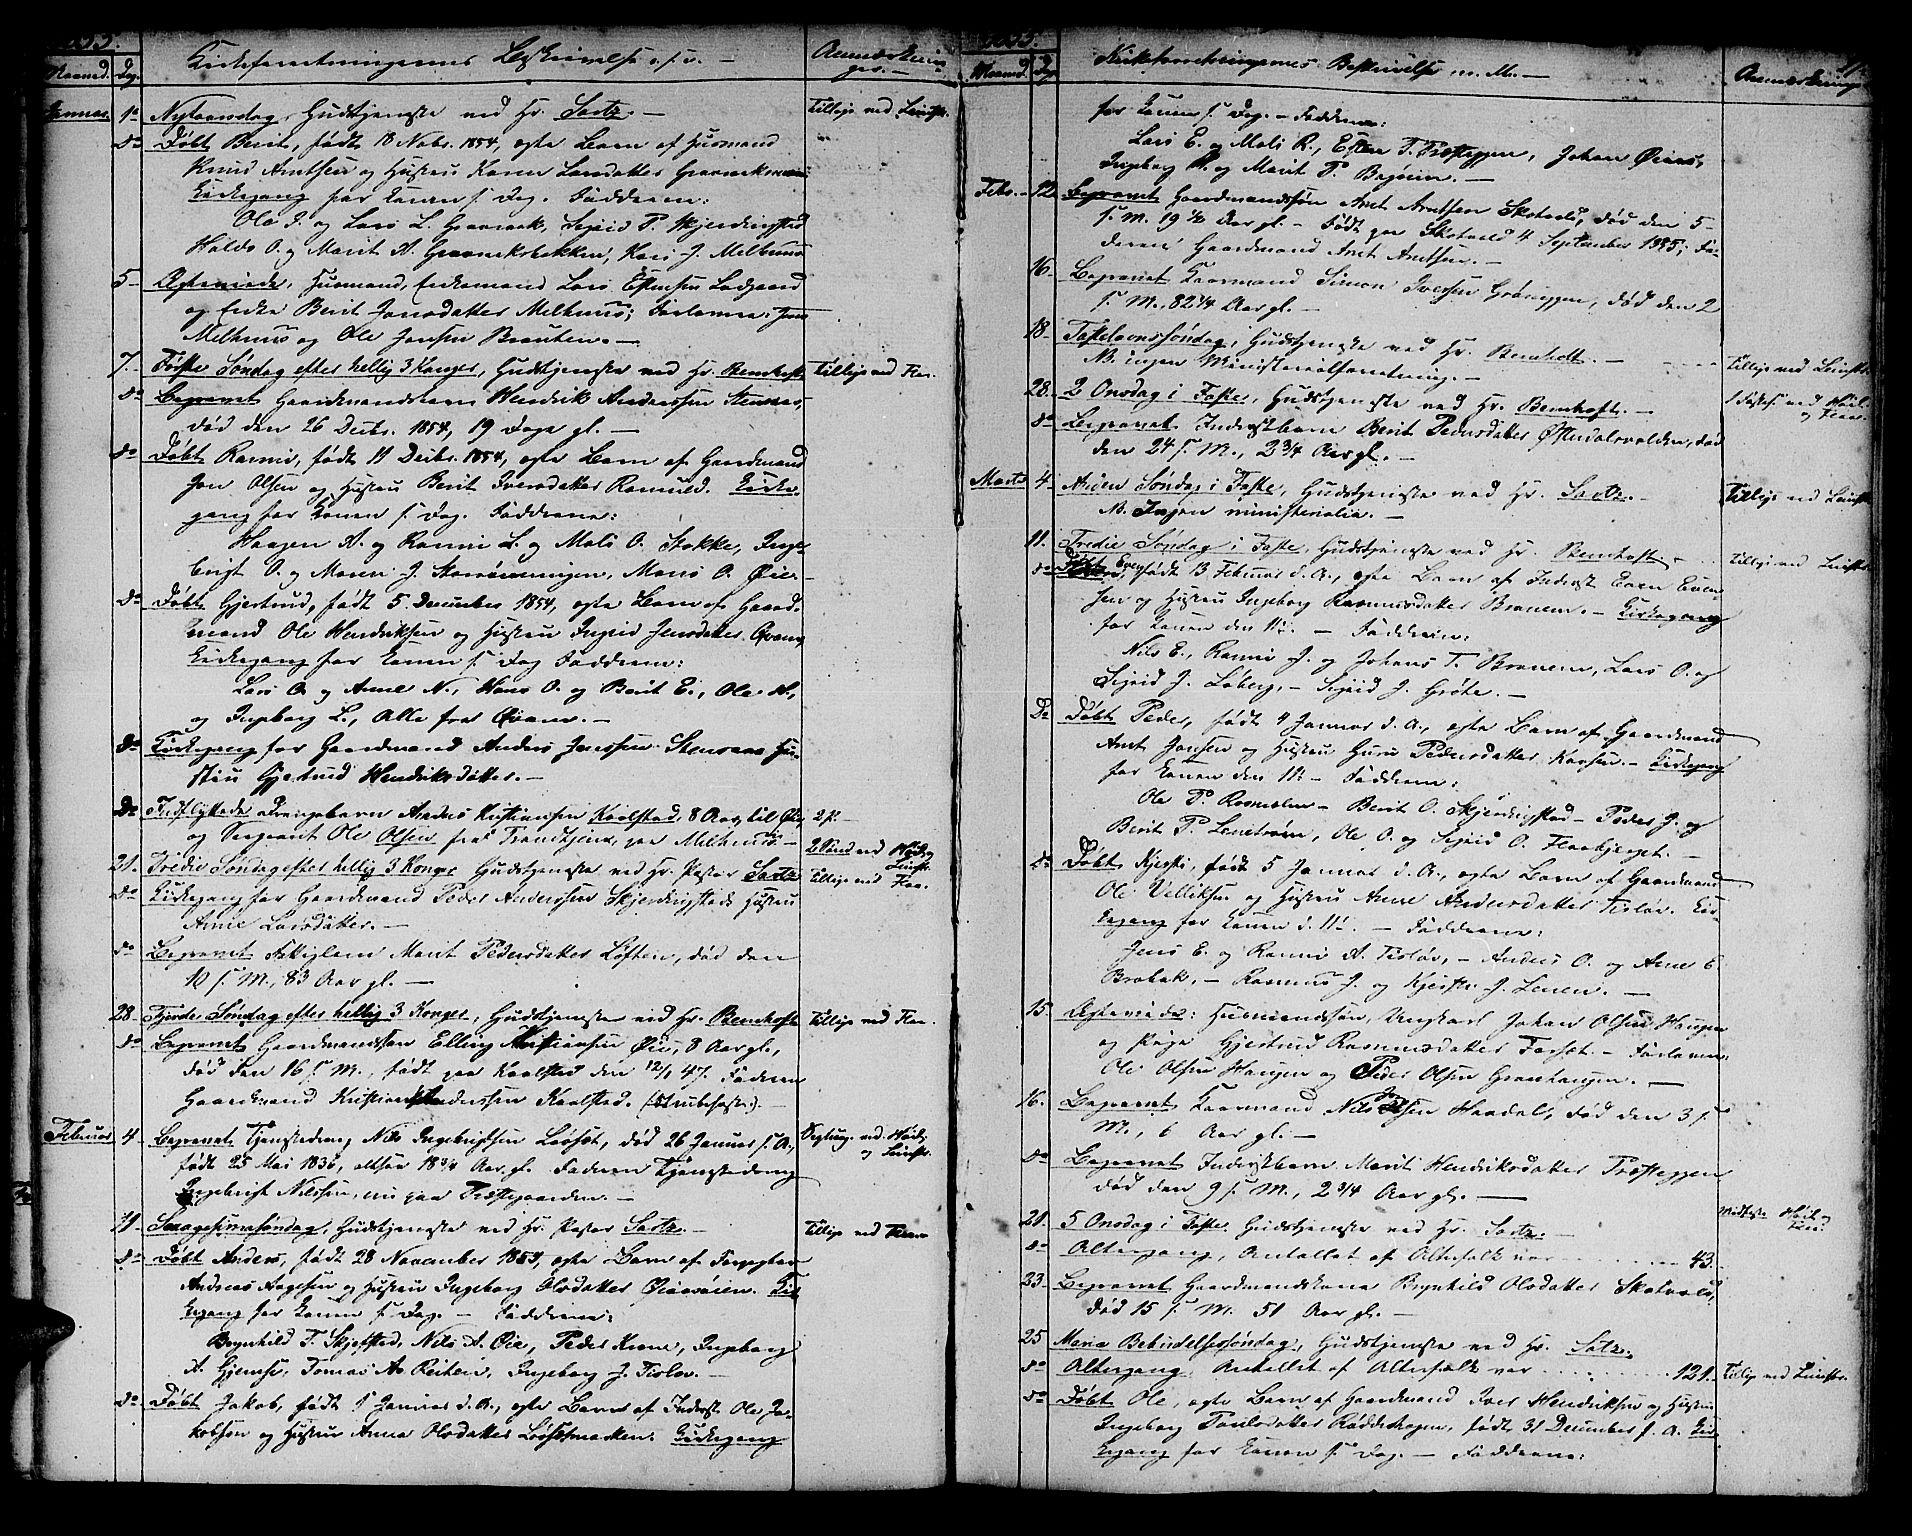 SAT, Ministerialprotokoller, klokkerbøker og fødselsregistre - Sør-Trøndelag, 691/L1093: Klokkerbok nr. 691C04, 1852-1879, s. 17